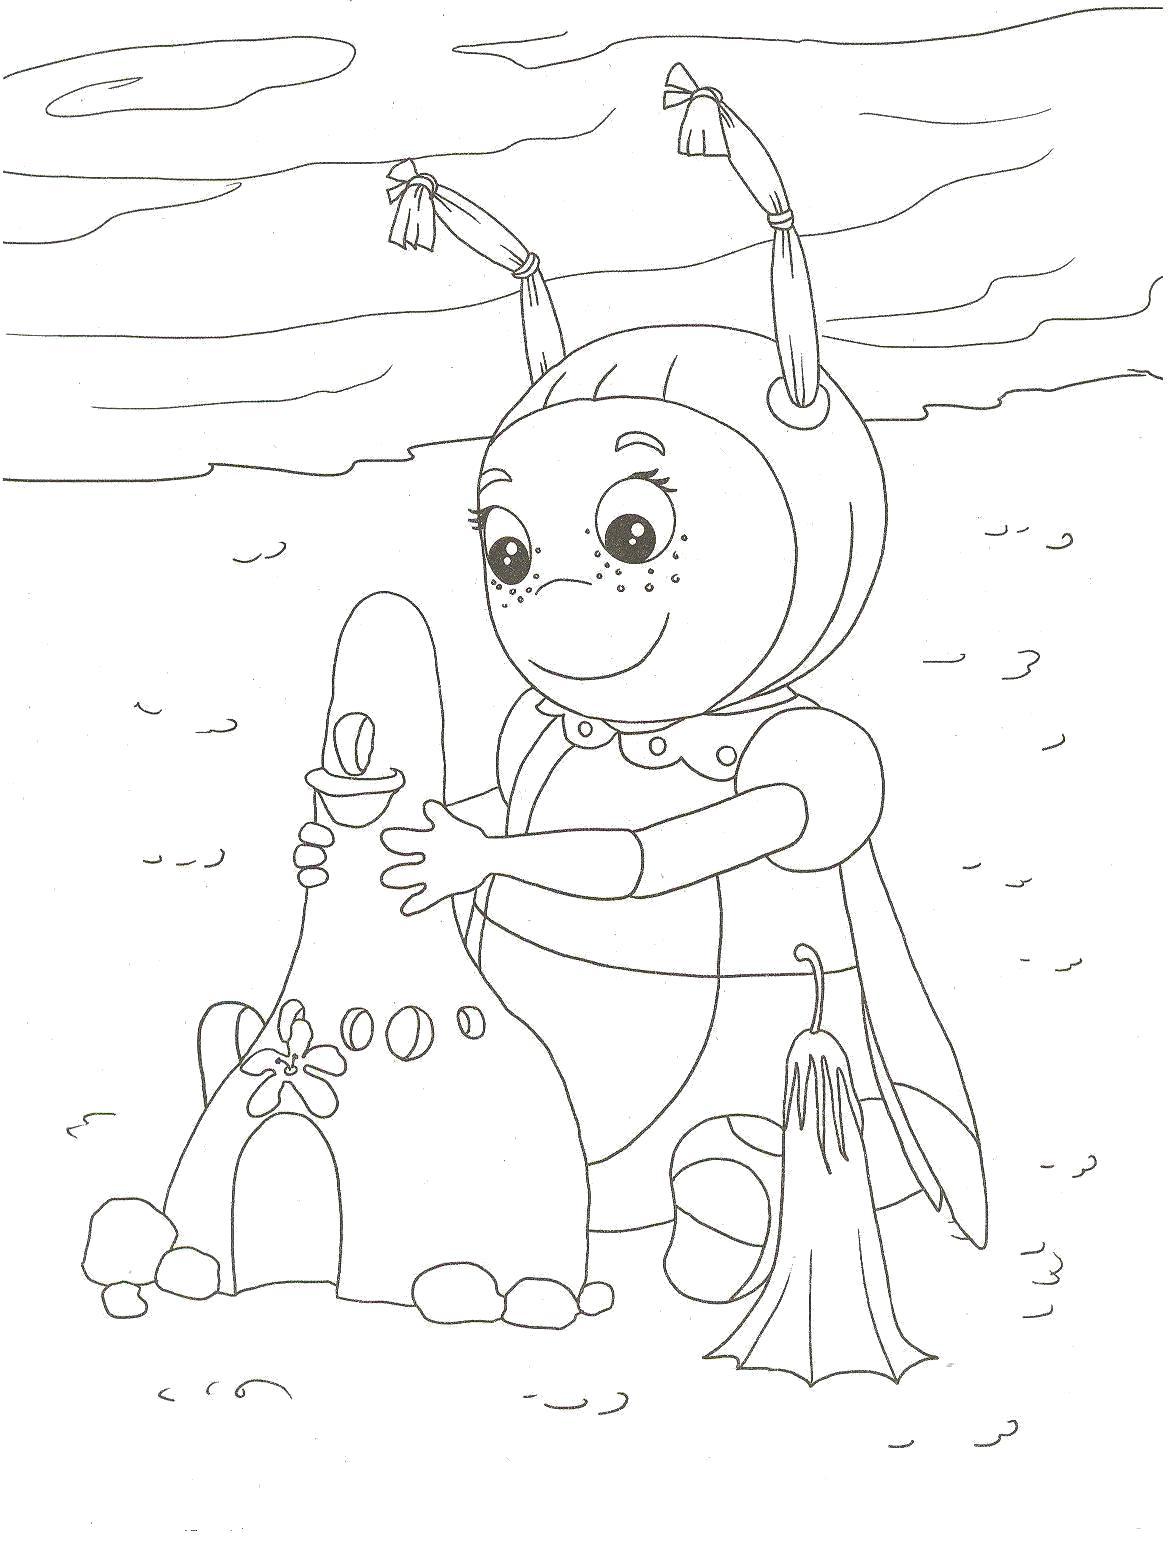 Раскраска Приключения Лунтика и его друзей. Скачать Мила.  Распечатать Лунтик